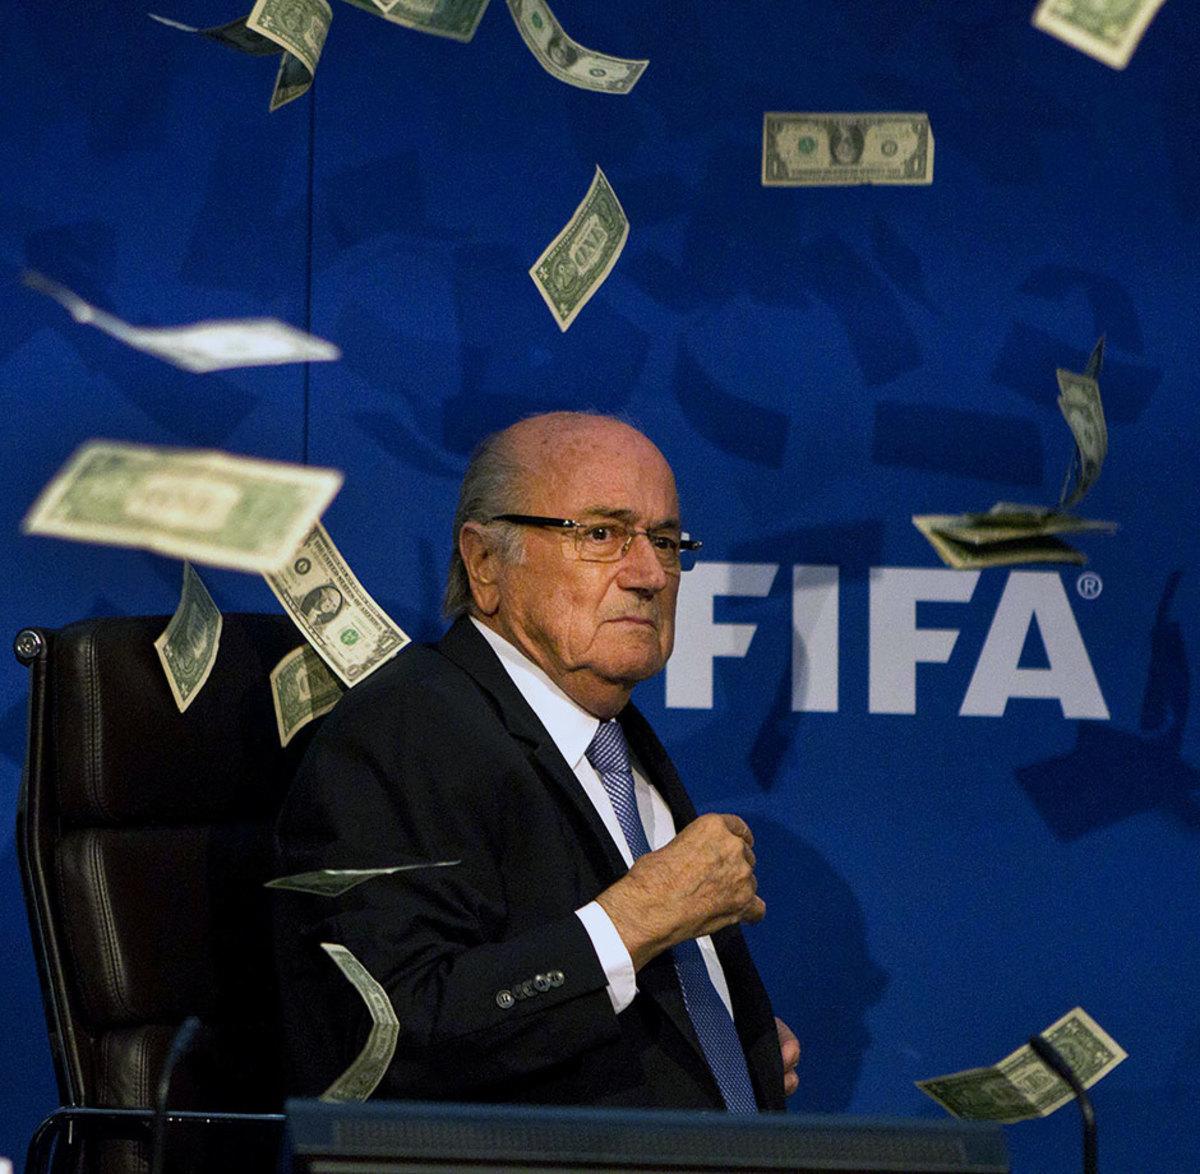 Sepp-Blatter_0.jpg